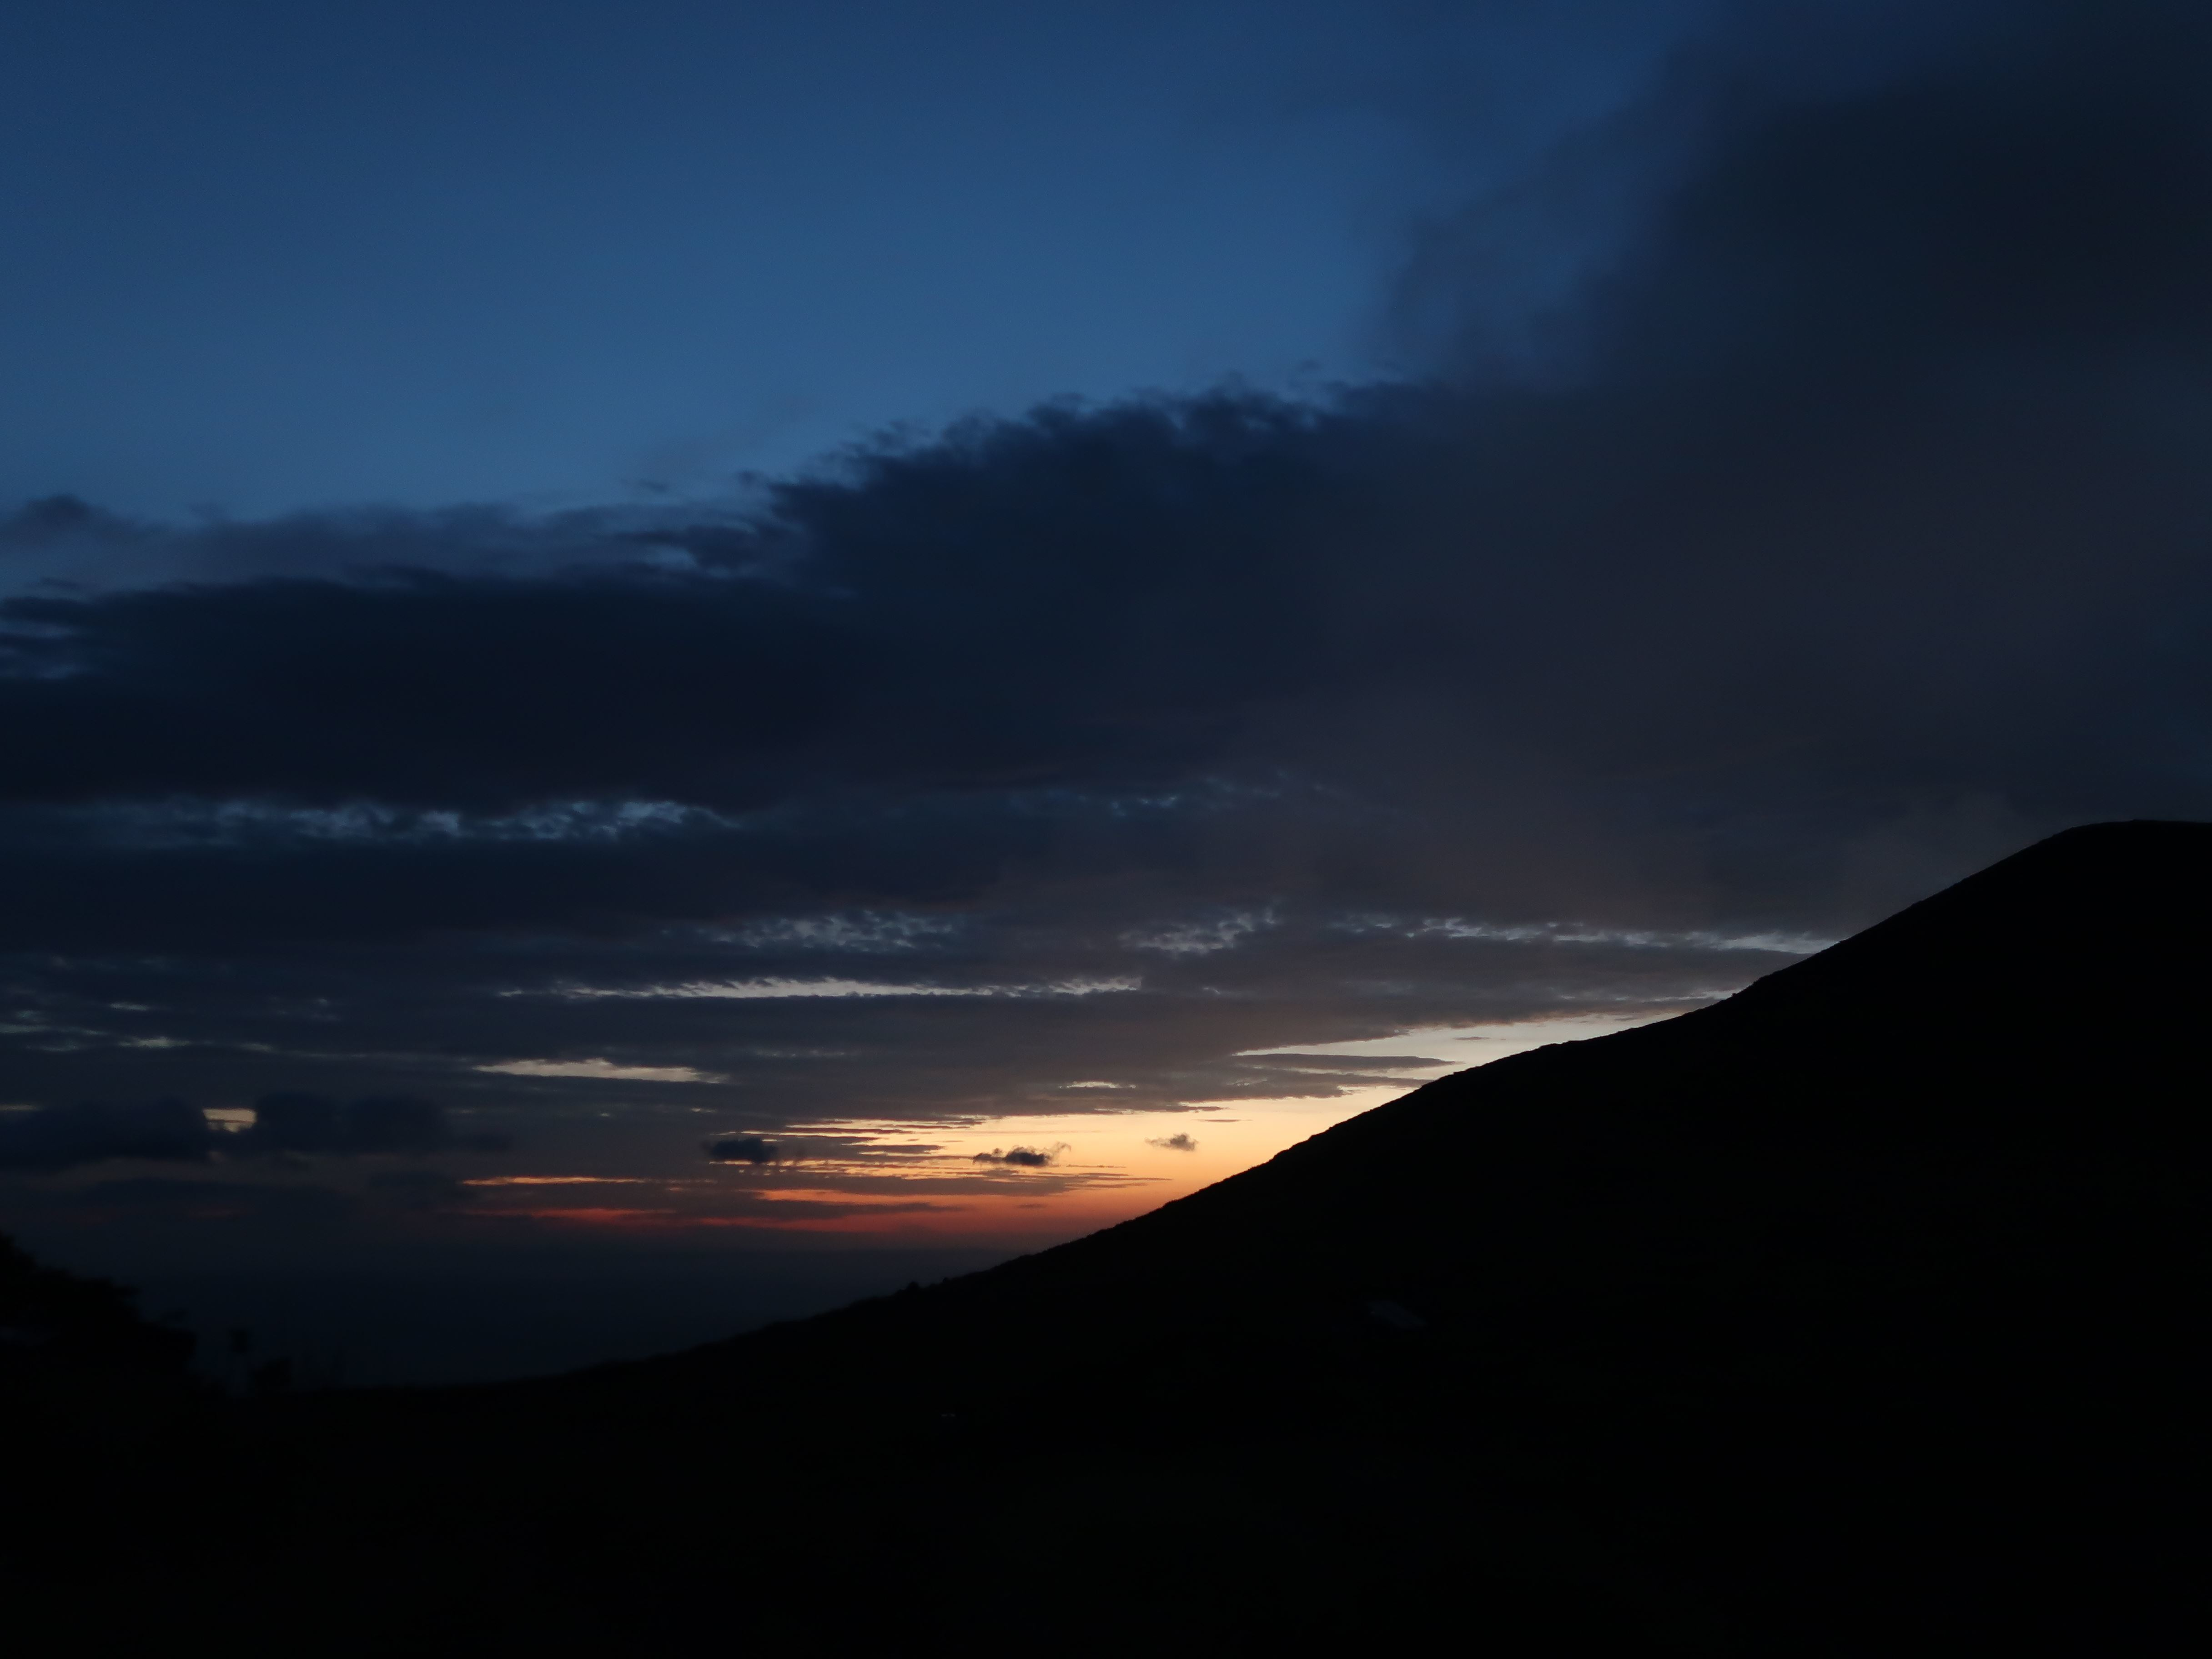 001_三原神社の鳥居から溶岩の道へ_R